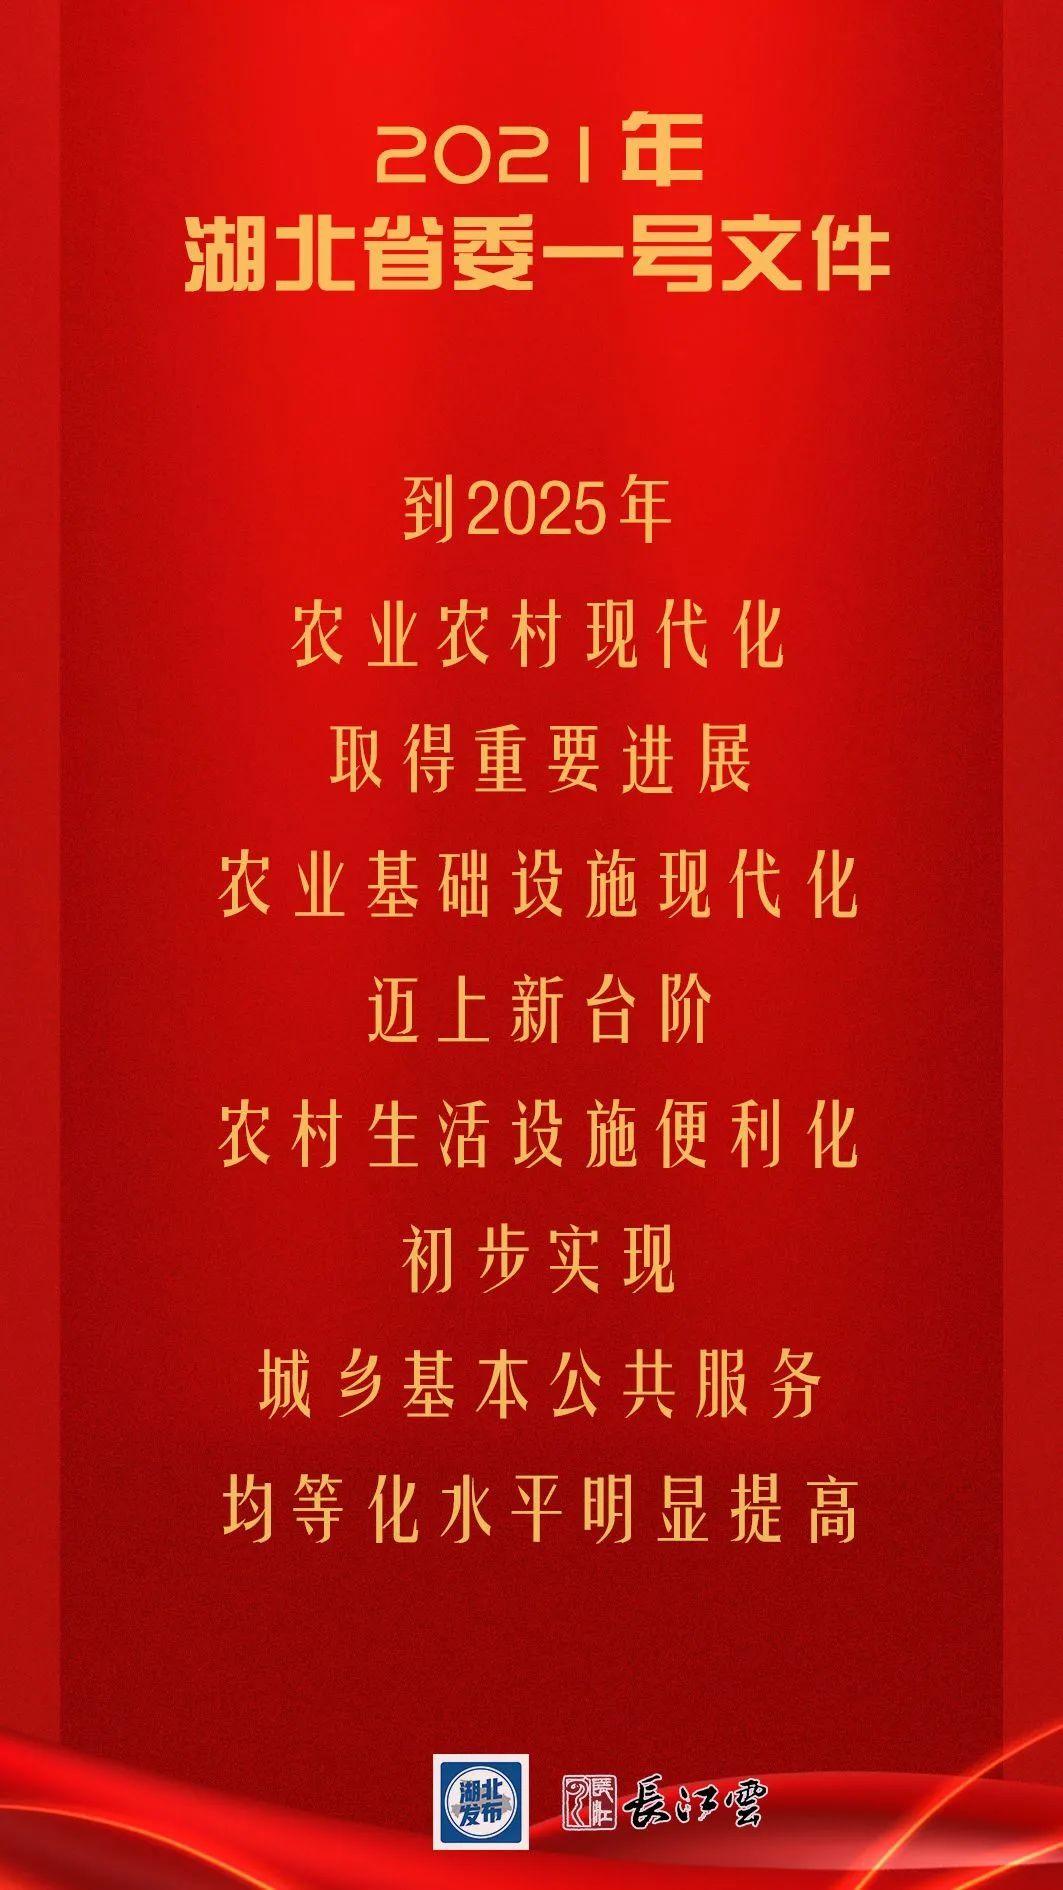 湖北省委一号文件!